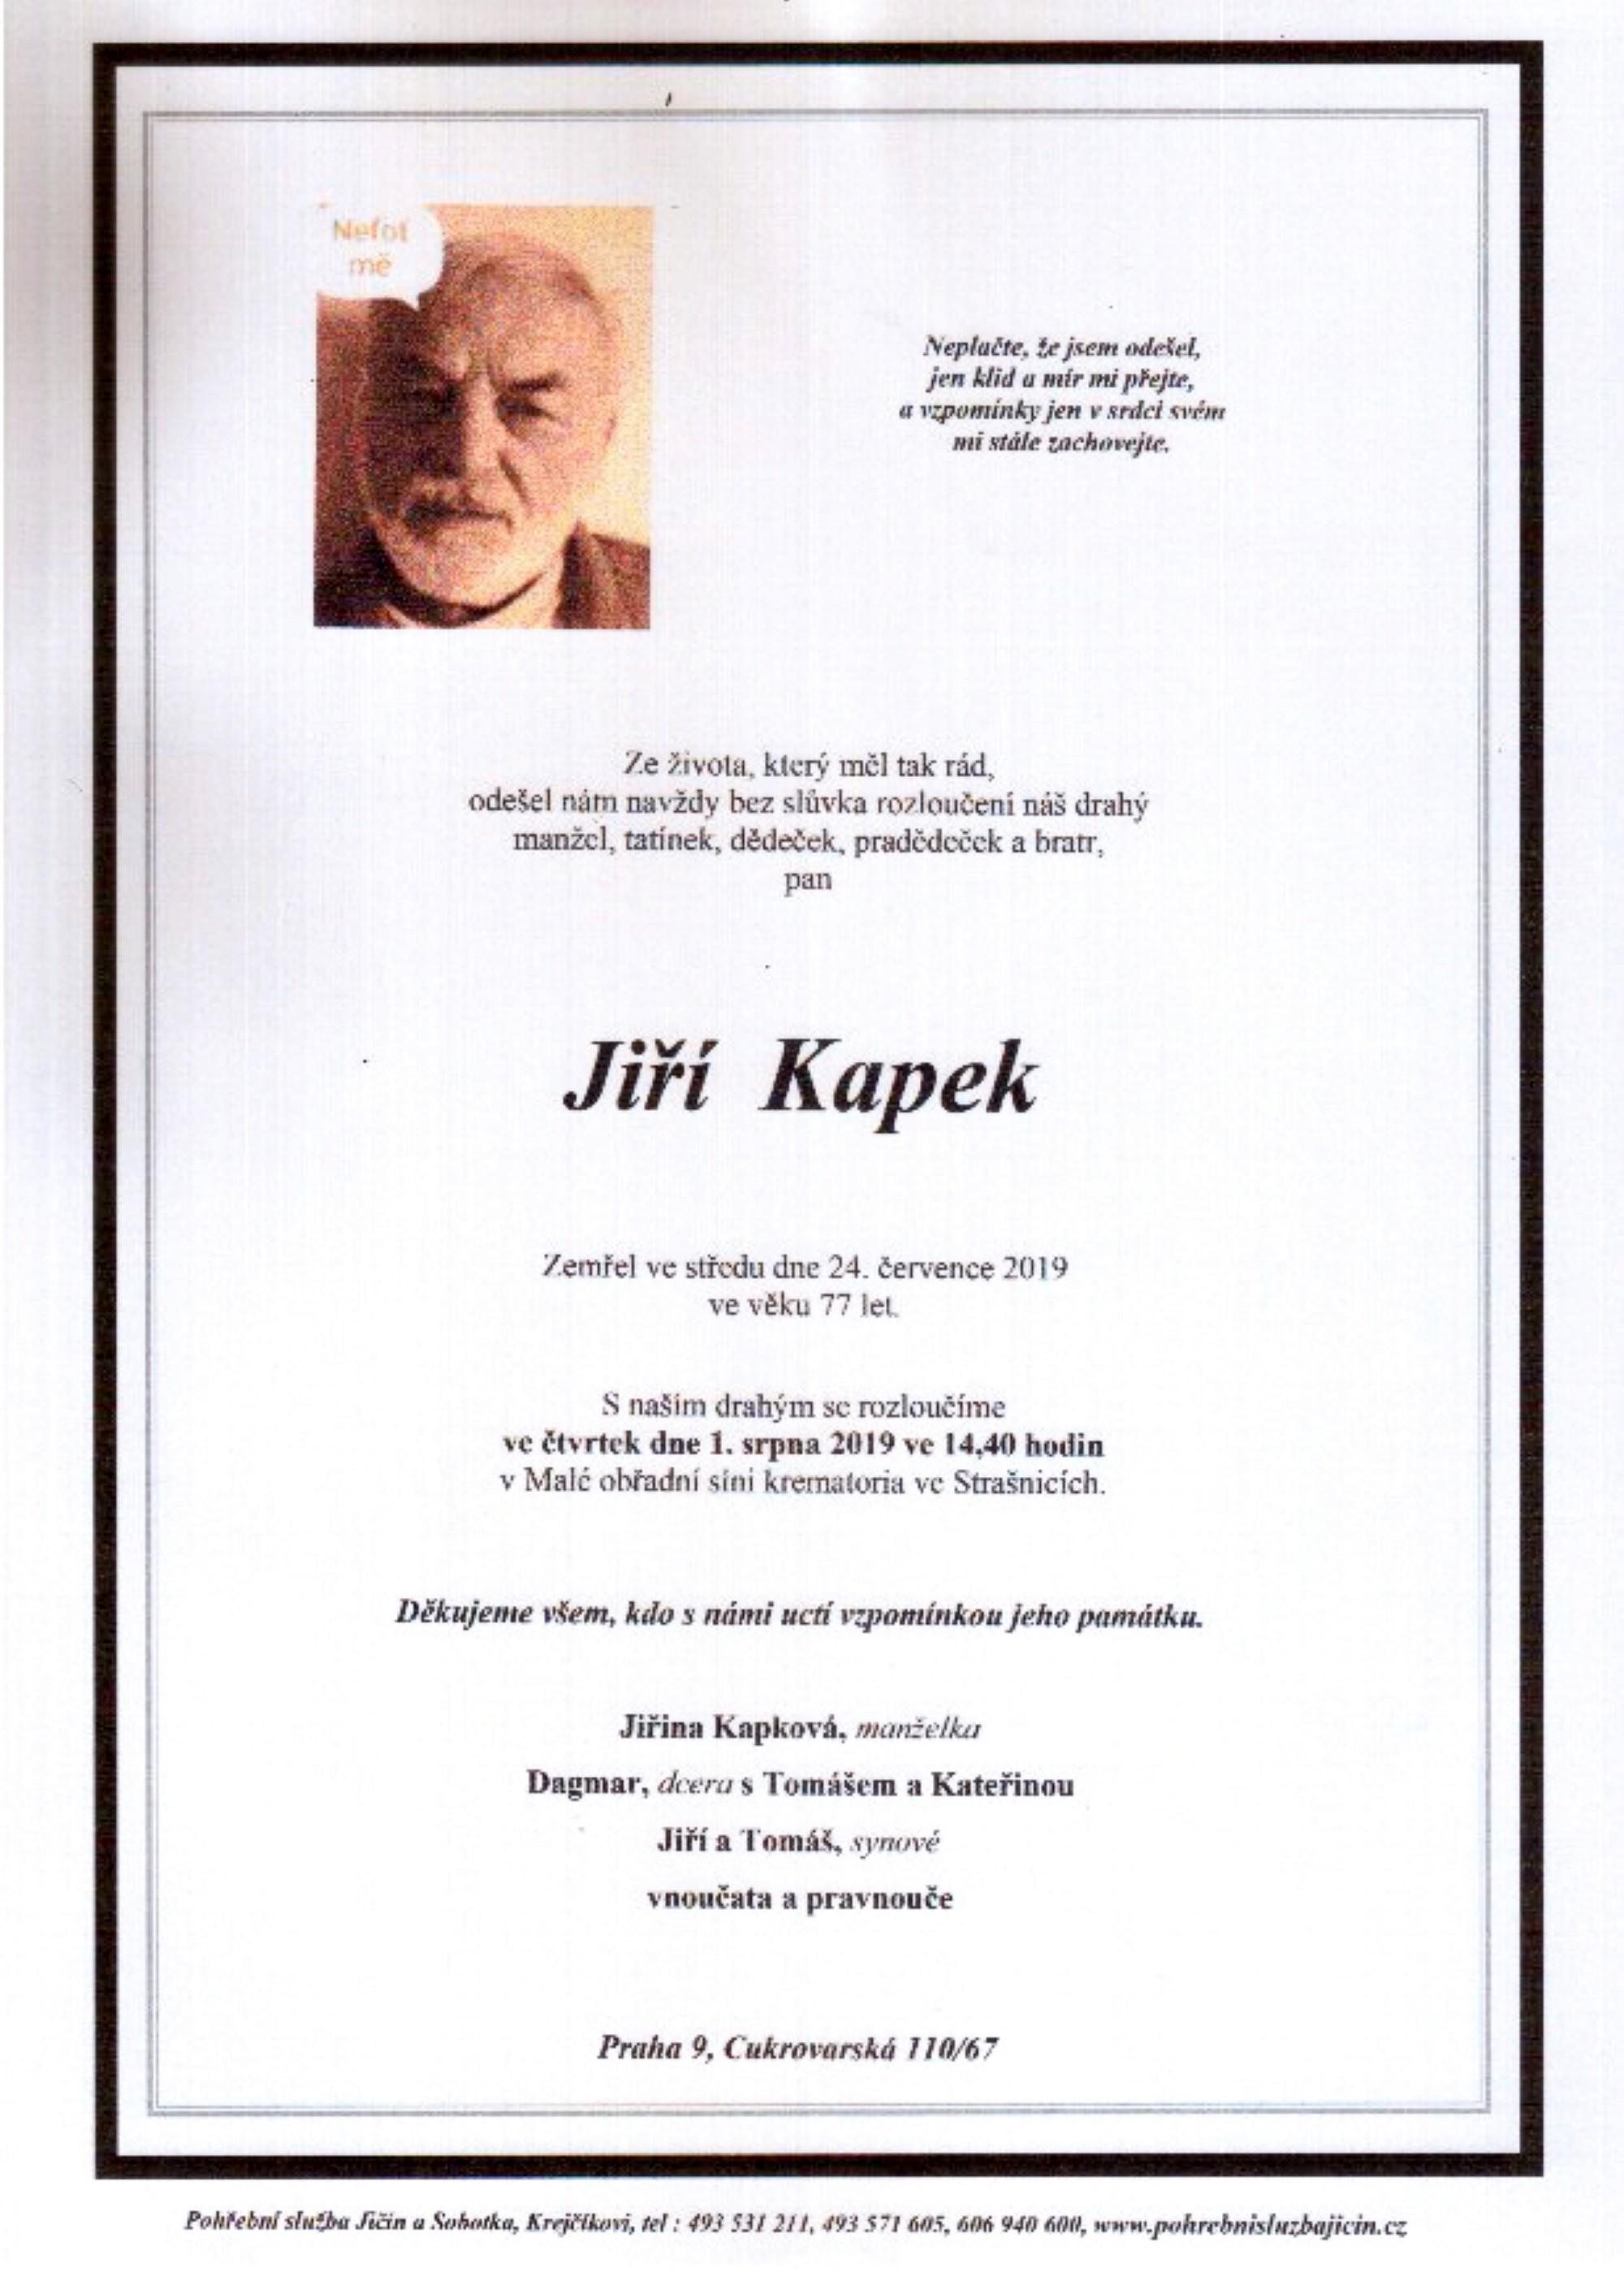 Jiří Kapek